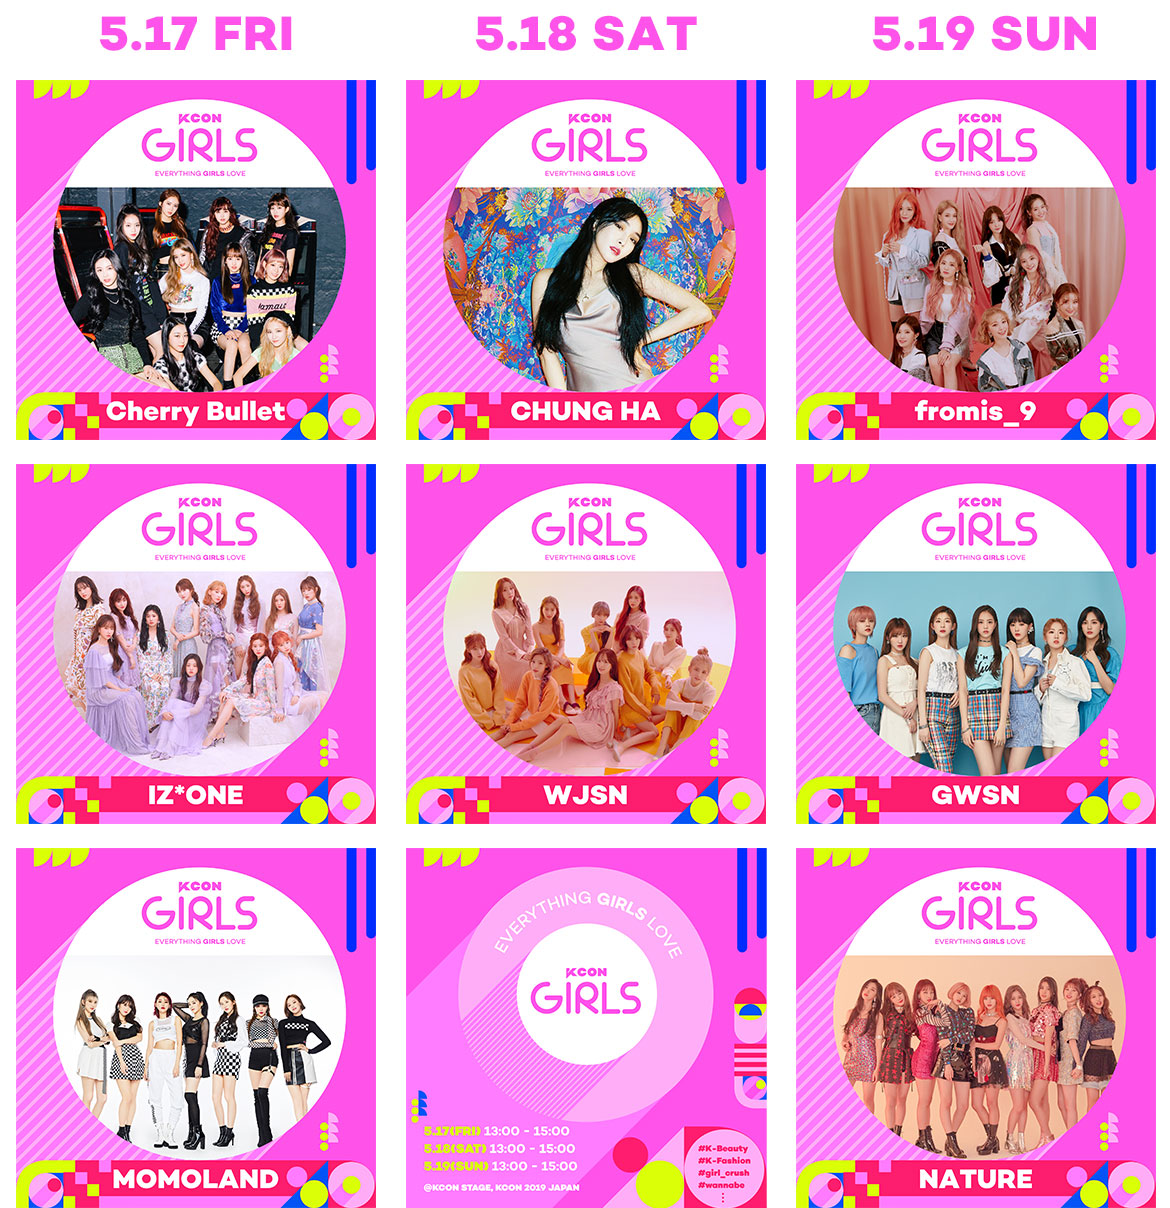 世界最大級の K-Culture フェス KCON から新たなブランドが誕生!  EVERYTHING GIRLS LOVE『KCON  GIRLS』  K-POP ガールズグループ、インフルエンサー、ファッション/ビューティーブランド、メディアなど  すべてがつまった贅沢でまばゆいコラボレーション! <5月 17 日(金)、18 日(土)、19 日(日)幕張メッセ国際展示場ホール>